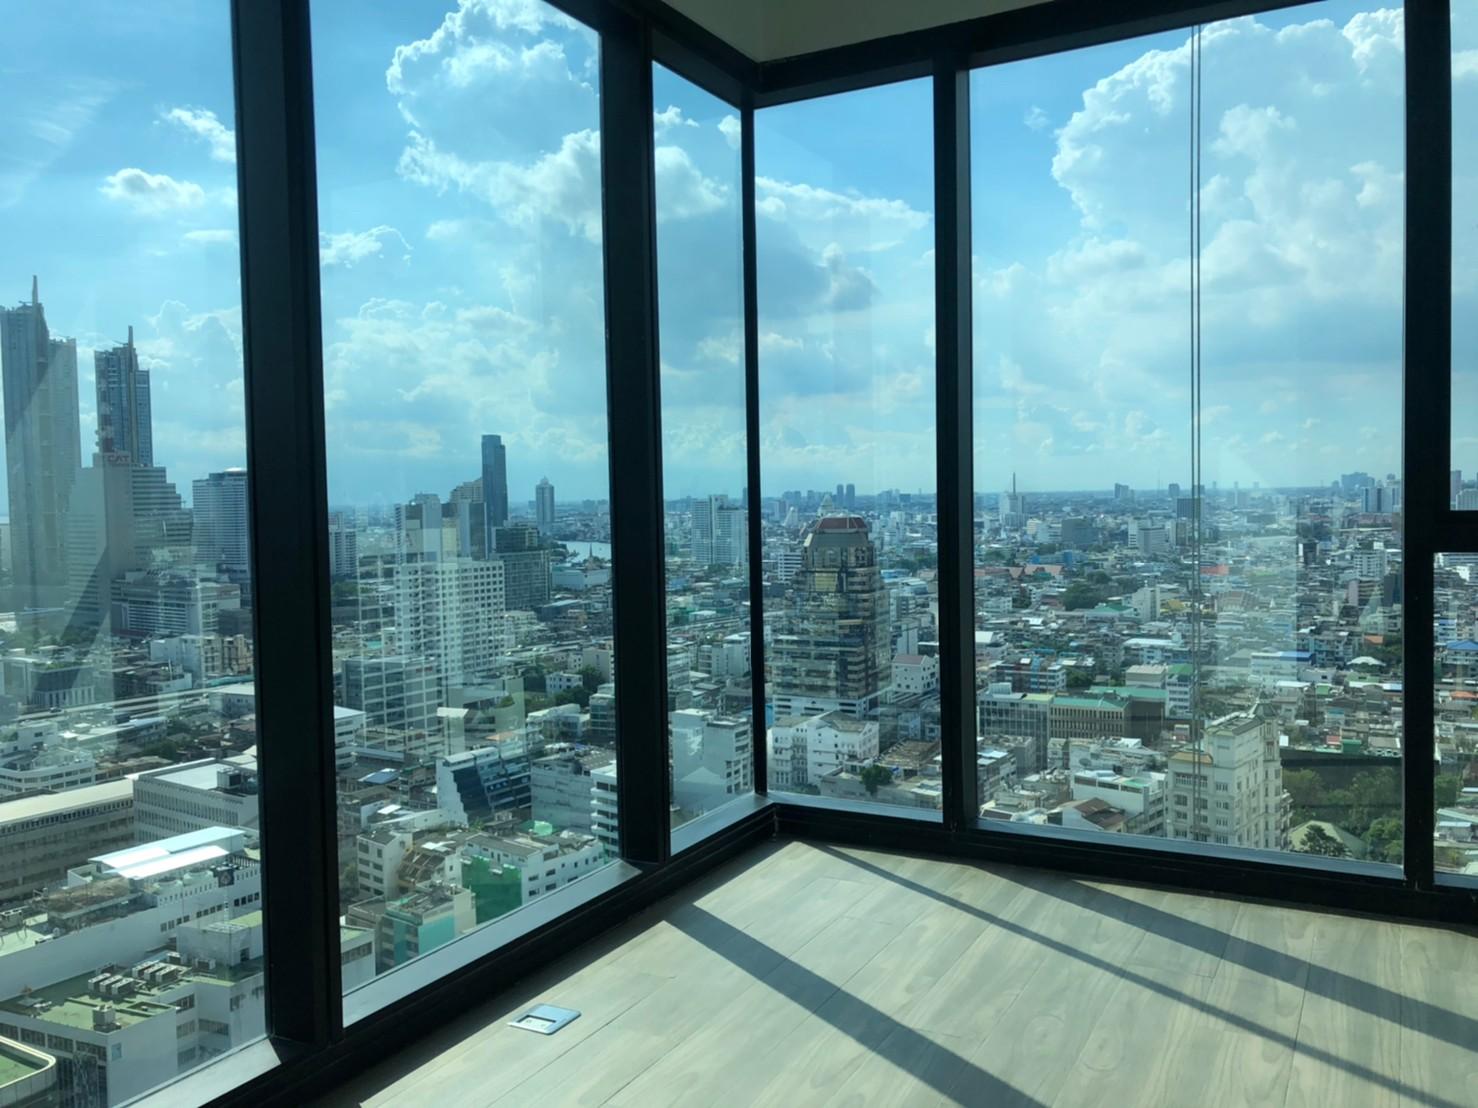 *เจ้าของขายเอง* ขายดาวน์โครงการLoft Silom  ห้องมุม ชั้นสูงขนาด 2 ห้องนอน 1 ห้องน้ำ พื้นที่ 66 ตรม.